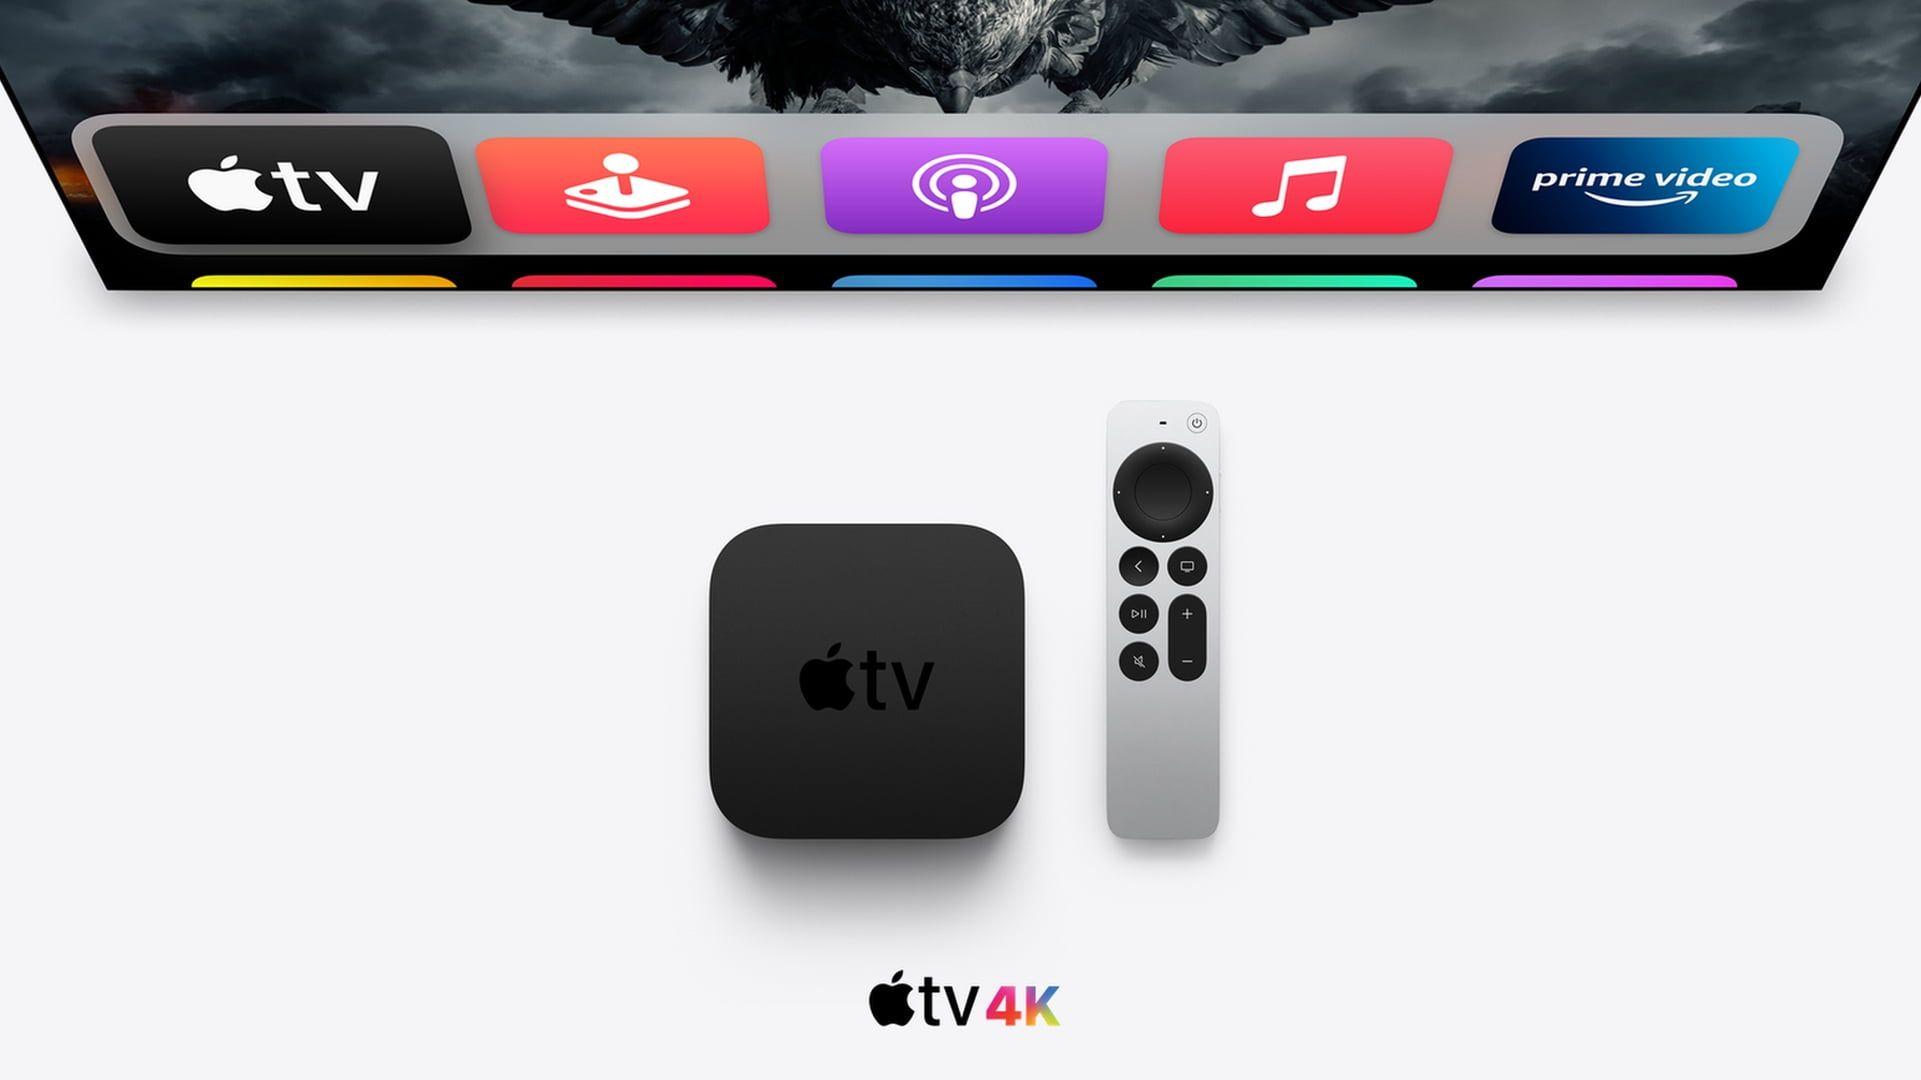 YouTube w 4K i 60 Hz obsługiwany przez nowe Apple TV